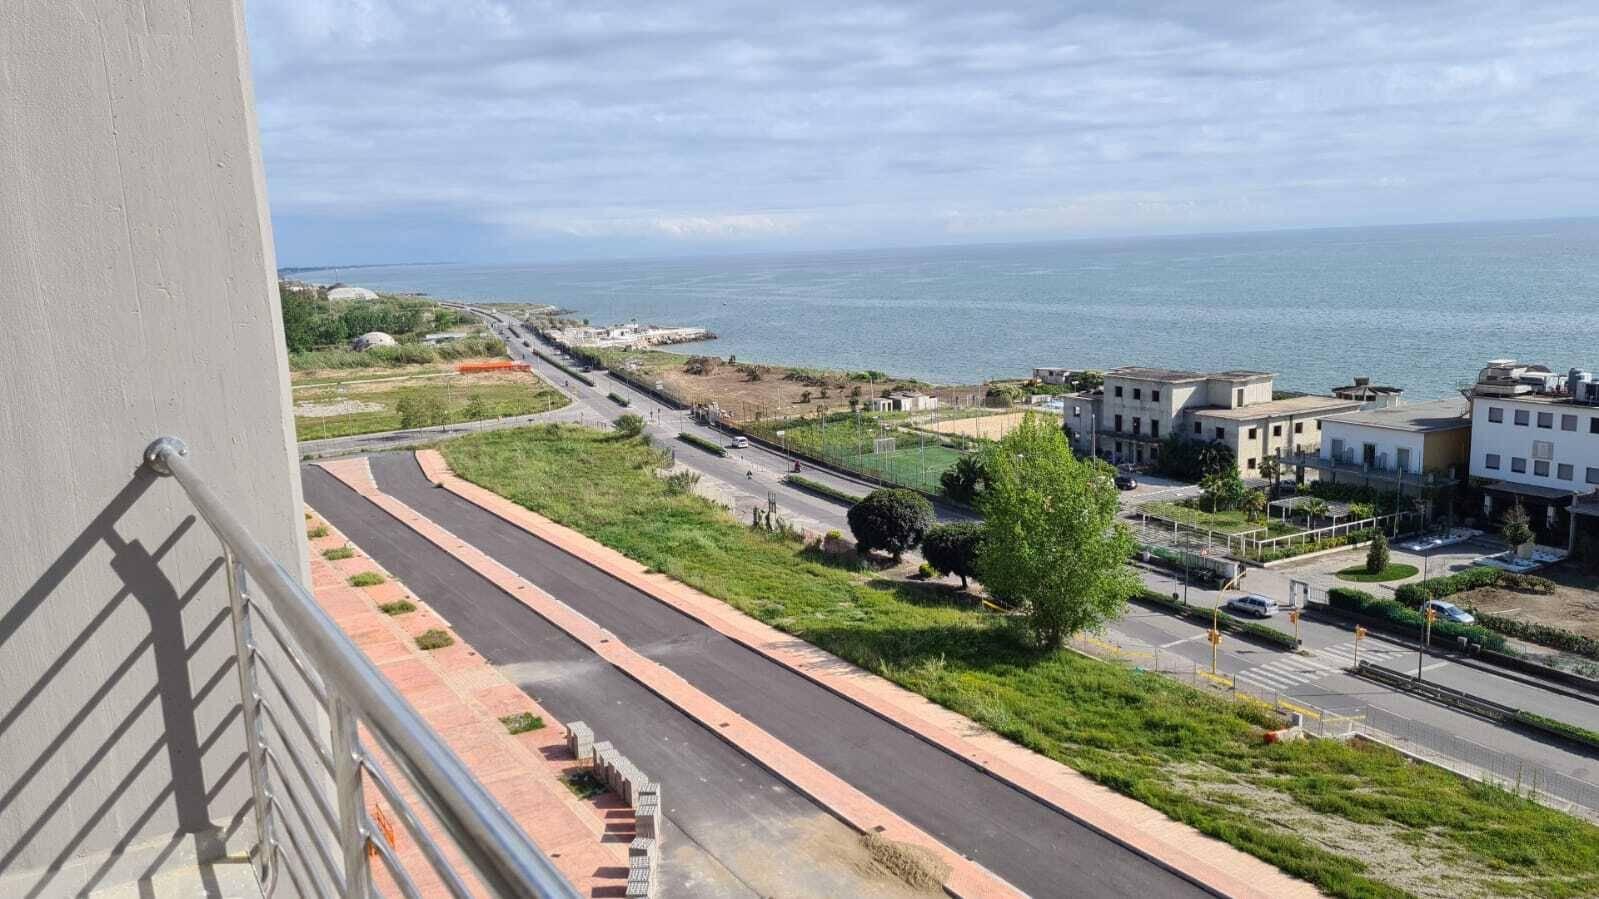 Appartamento in vendita a Salerno, 3 locali, zona Località: SAN LEONARDO / ARECHI / MIGLIARO, prezzo € 410.000 | PortaleAgenzieImmobiliari.it